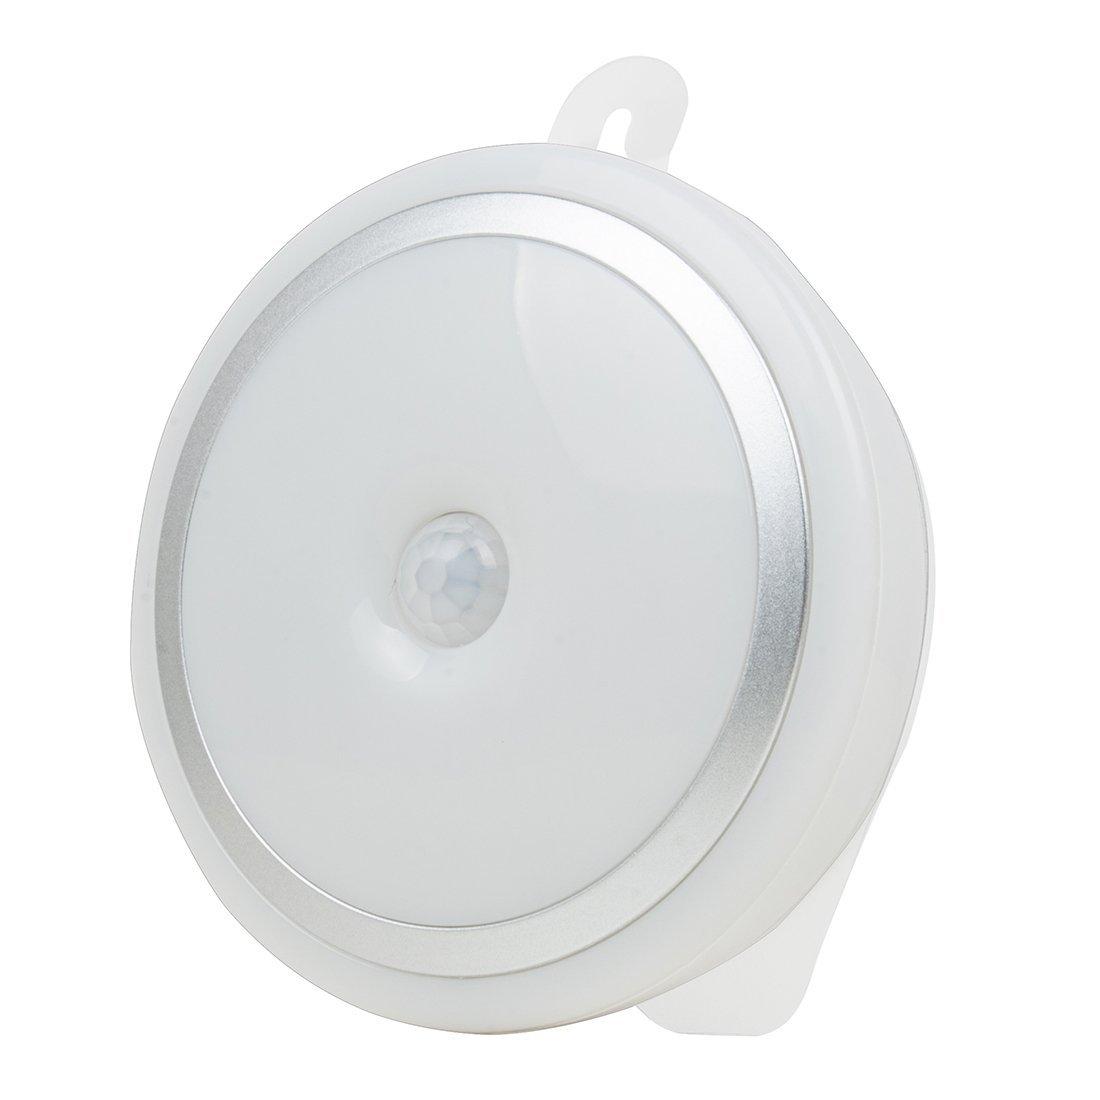 Sensor de movimiento eDealMax luz de la noche portátil con pilas 5 LED de seguridad inalámbrica de detección de noche de la lámpara de Pasillo Escaleras ...